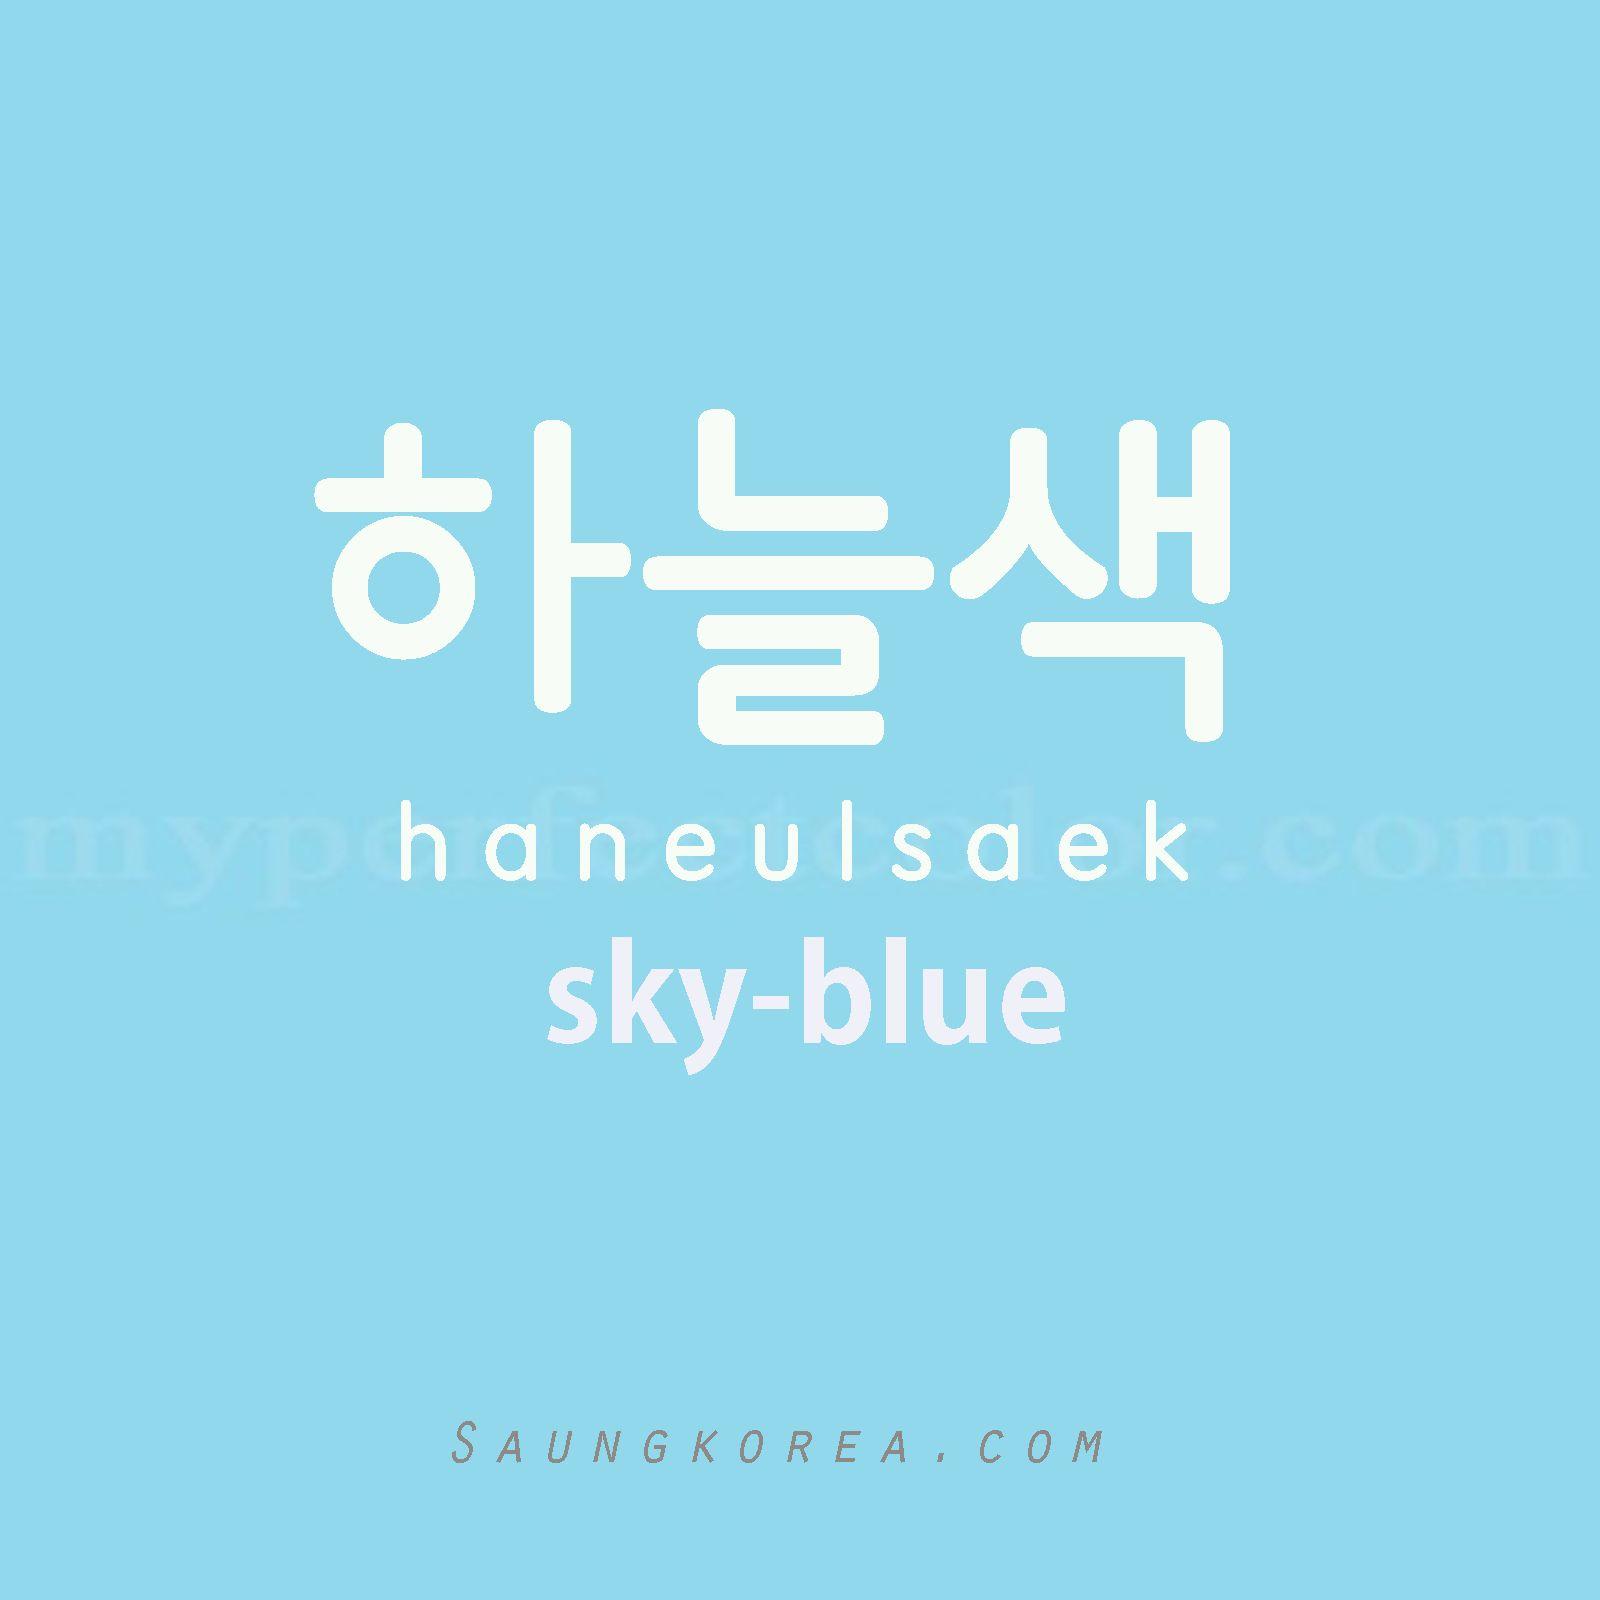 하늘색=sky blue